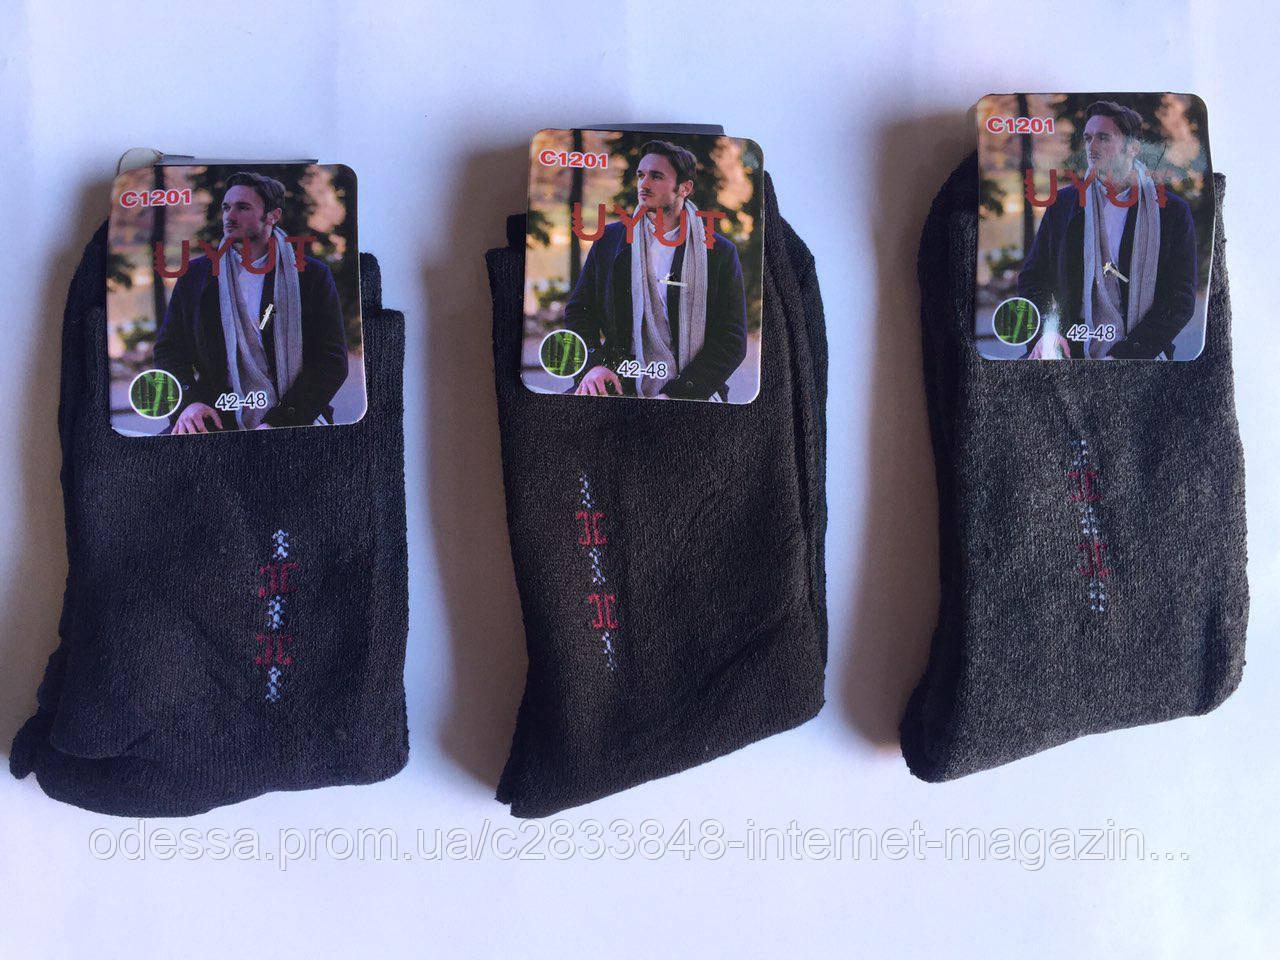 0196eb6a0f41e Махровые мужские носки 42-48, цена 11,60 грн., купить в Одессе ...